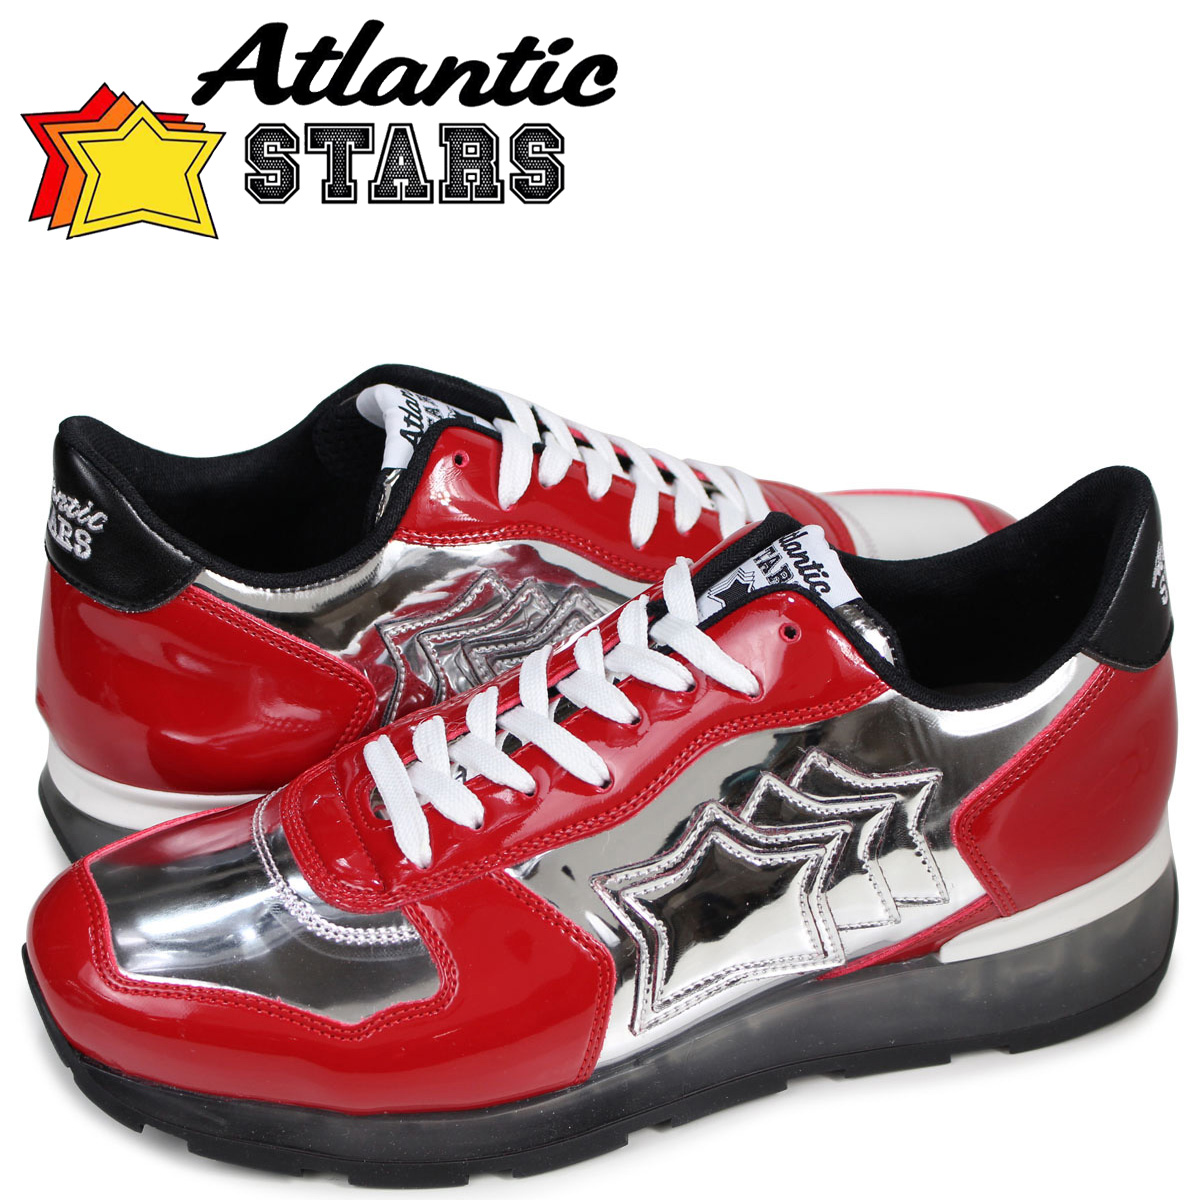 アトランティックスターズ Atlantic STARS アンタレス スニーカー メンズ ANTARES GAR-32B レッド